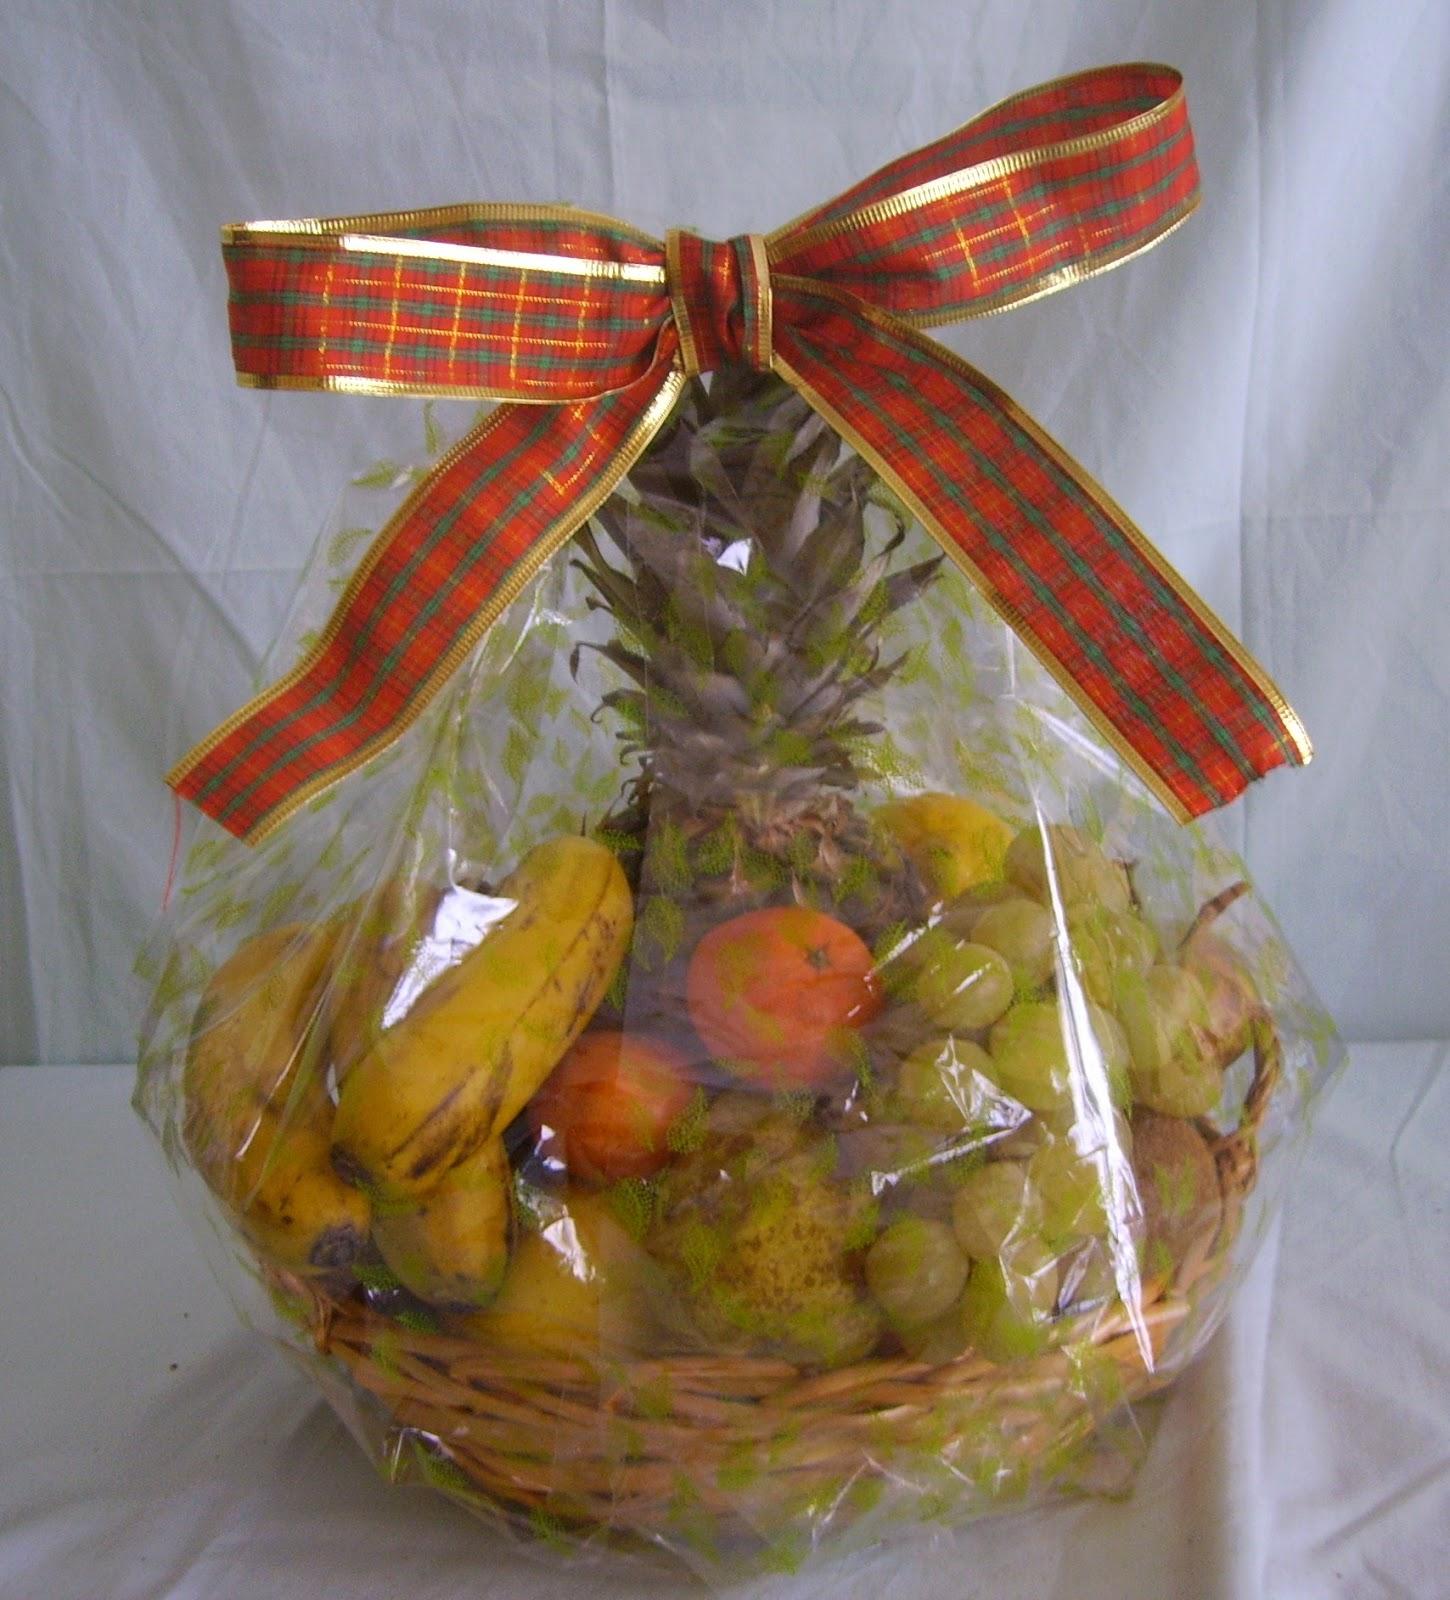 Naranjas y limones bandeja de fruta especial bandeja de for Bandejas de navidad